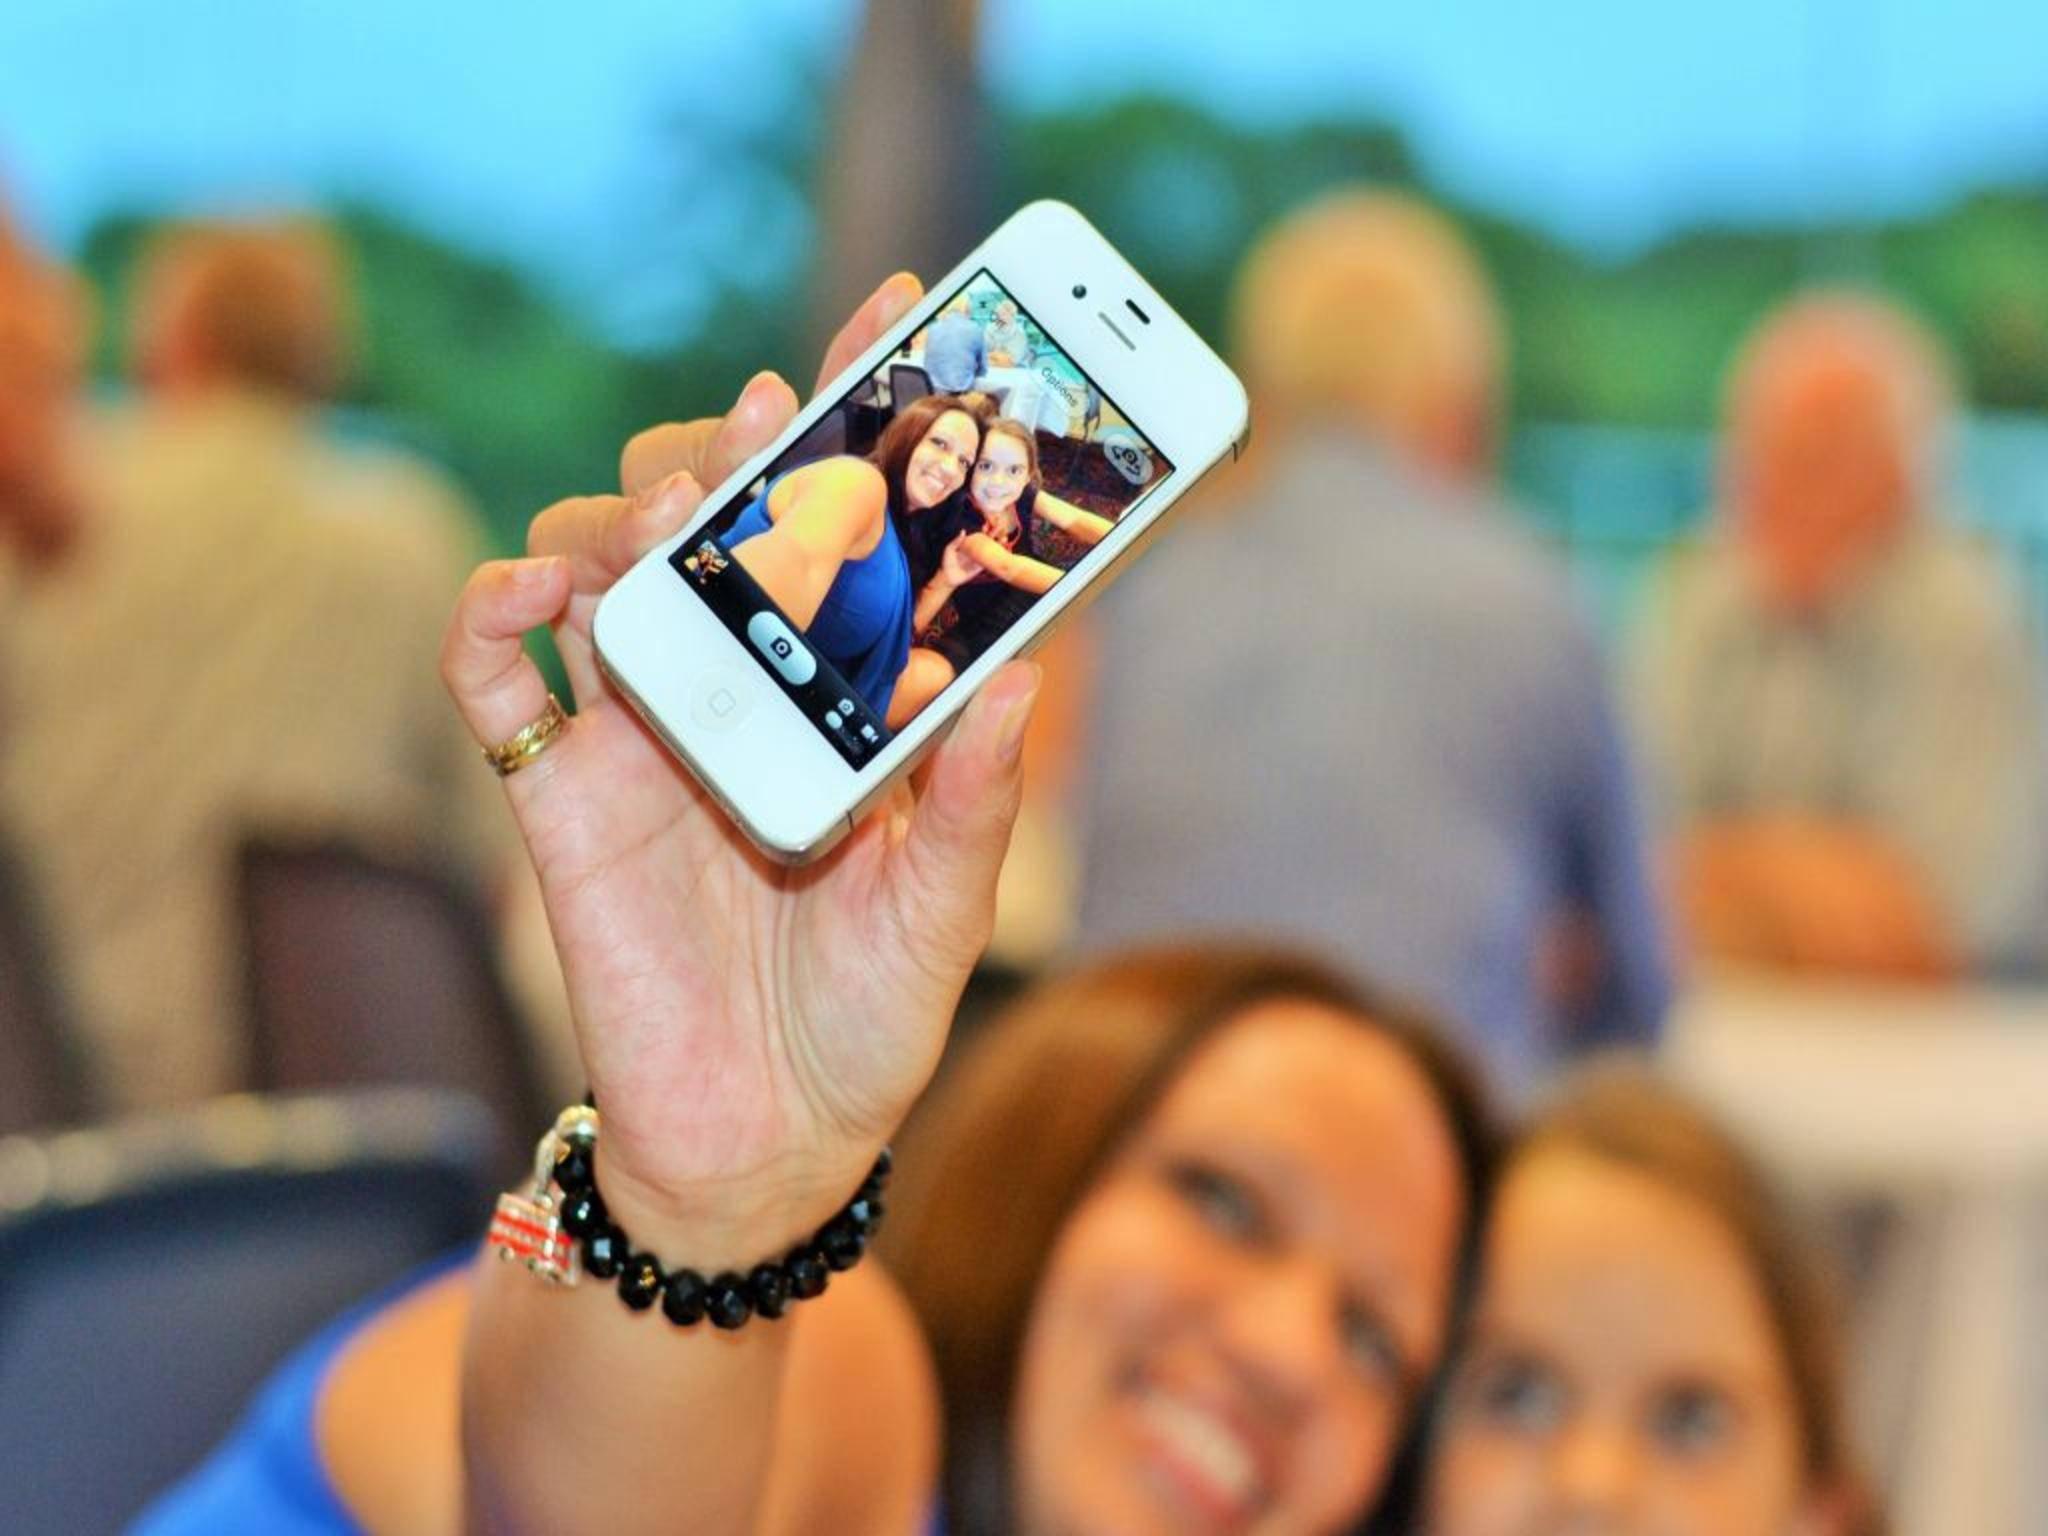 Das iPhone mit einem Selfie entsperren? In Zukunft vielleicht möglich.